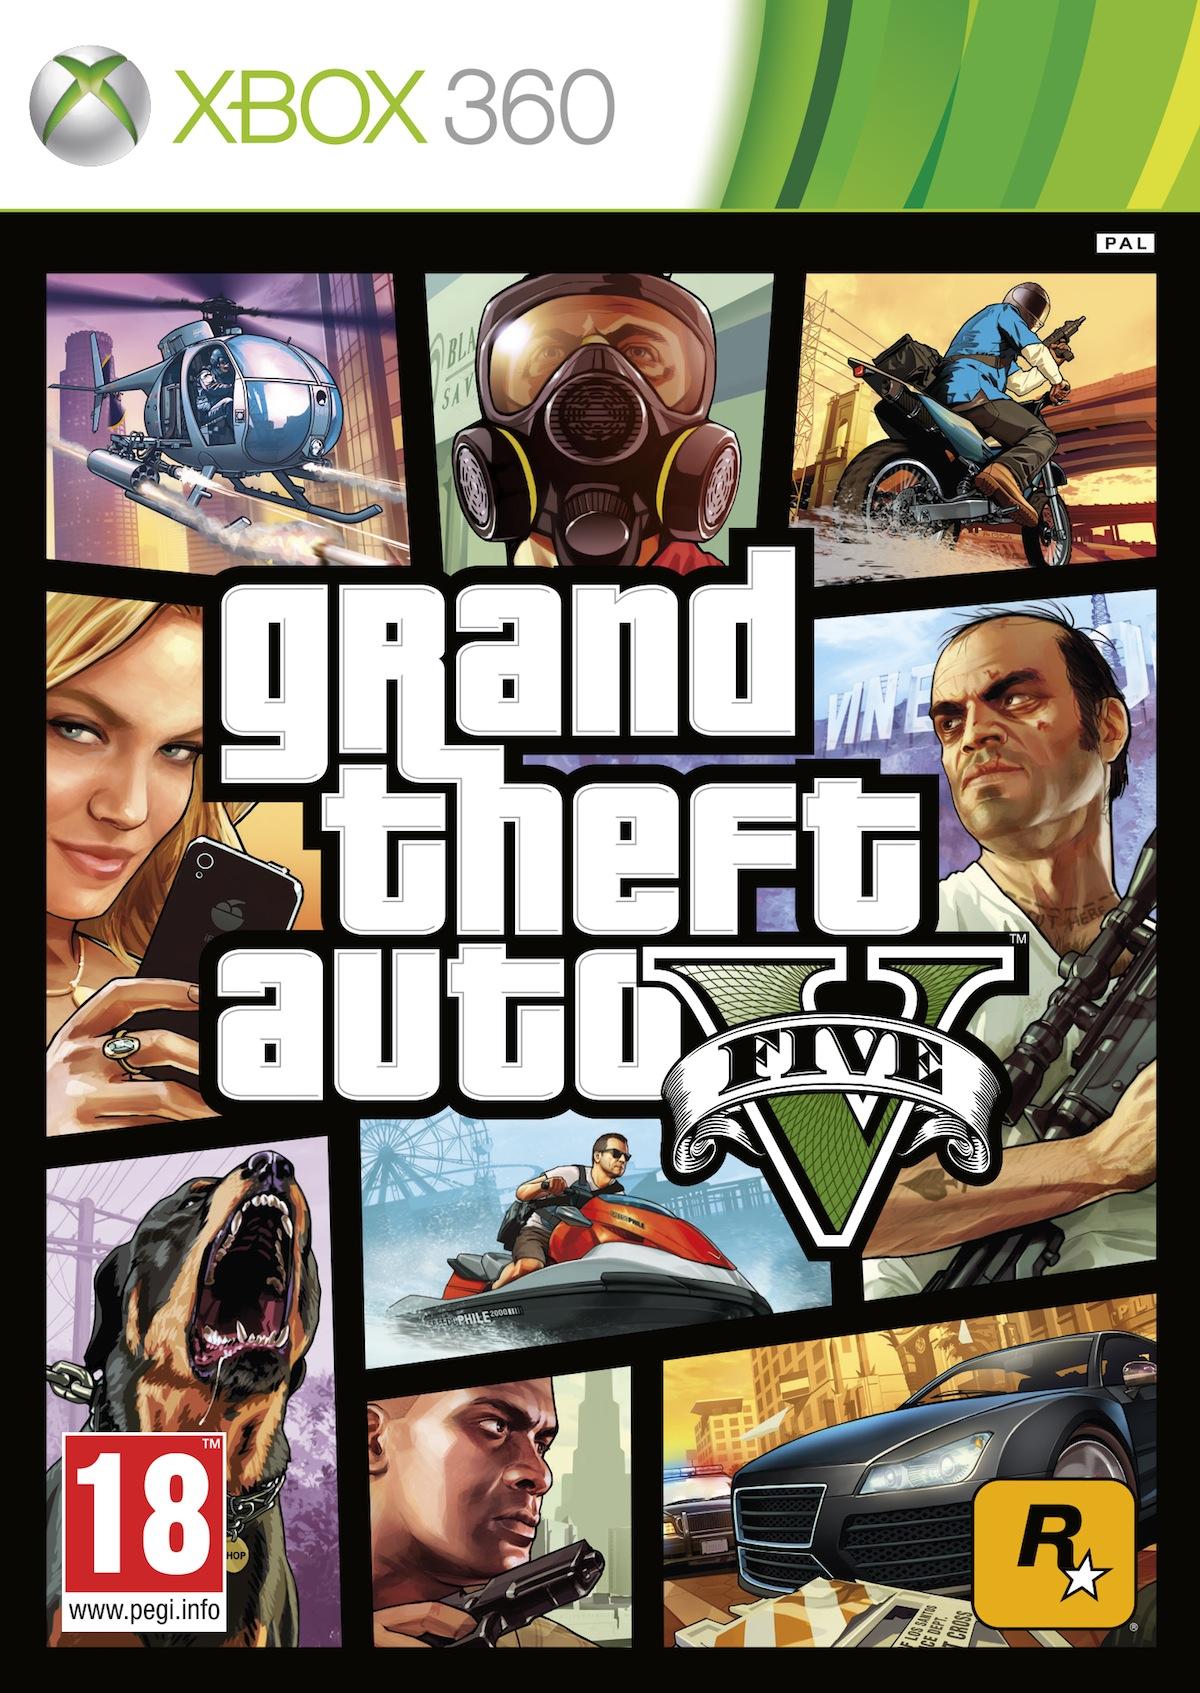 Meilleurs jeux de novembre 2014 (semaine 47)